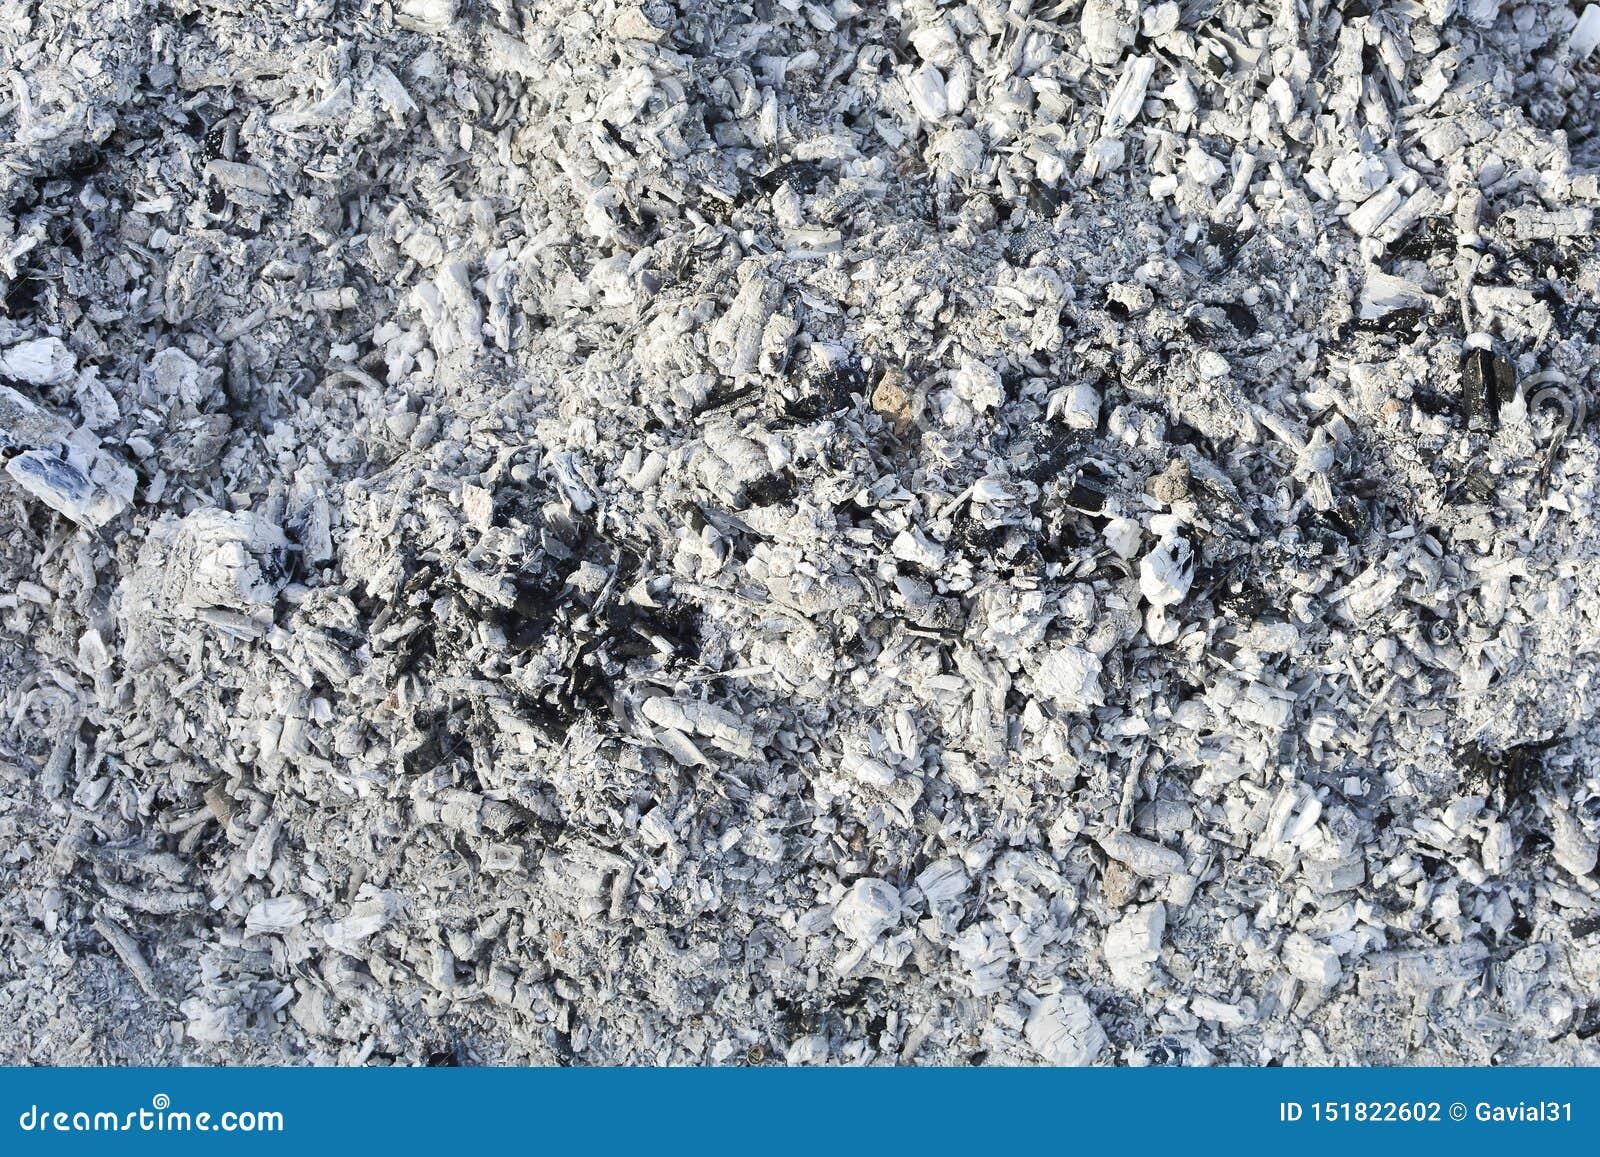 Textura de las cenizas Fondo gris natural de la madera quemada Carbones quemados